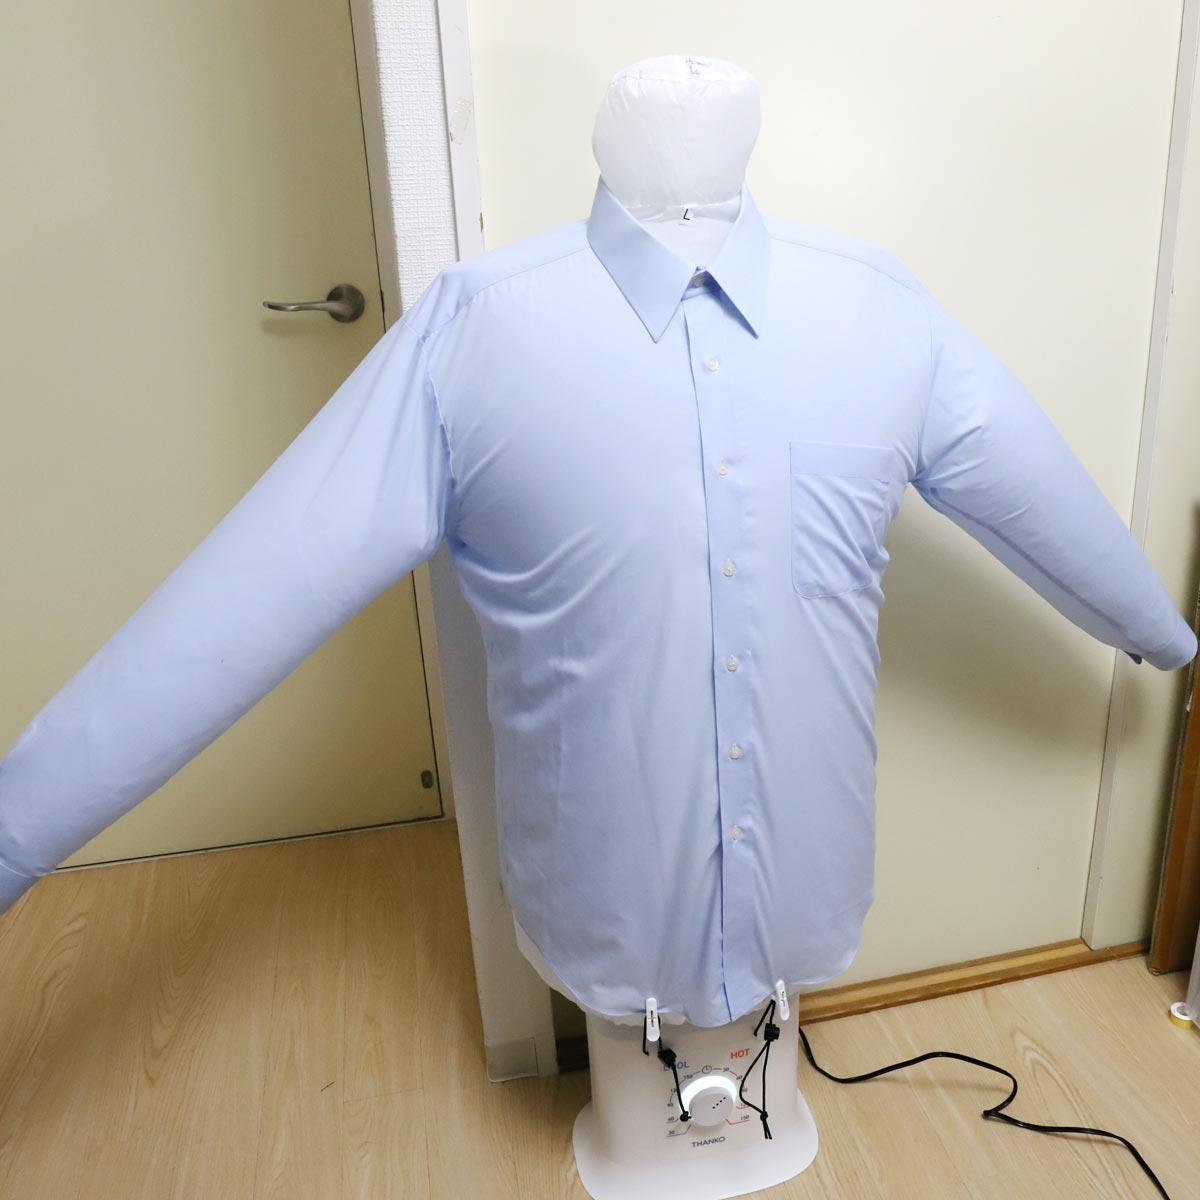 アイロンなしで衣類のシワをピシッと解消! 「アイロンいら〜ず2」実力チェック